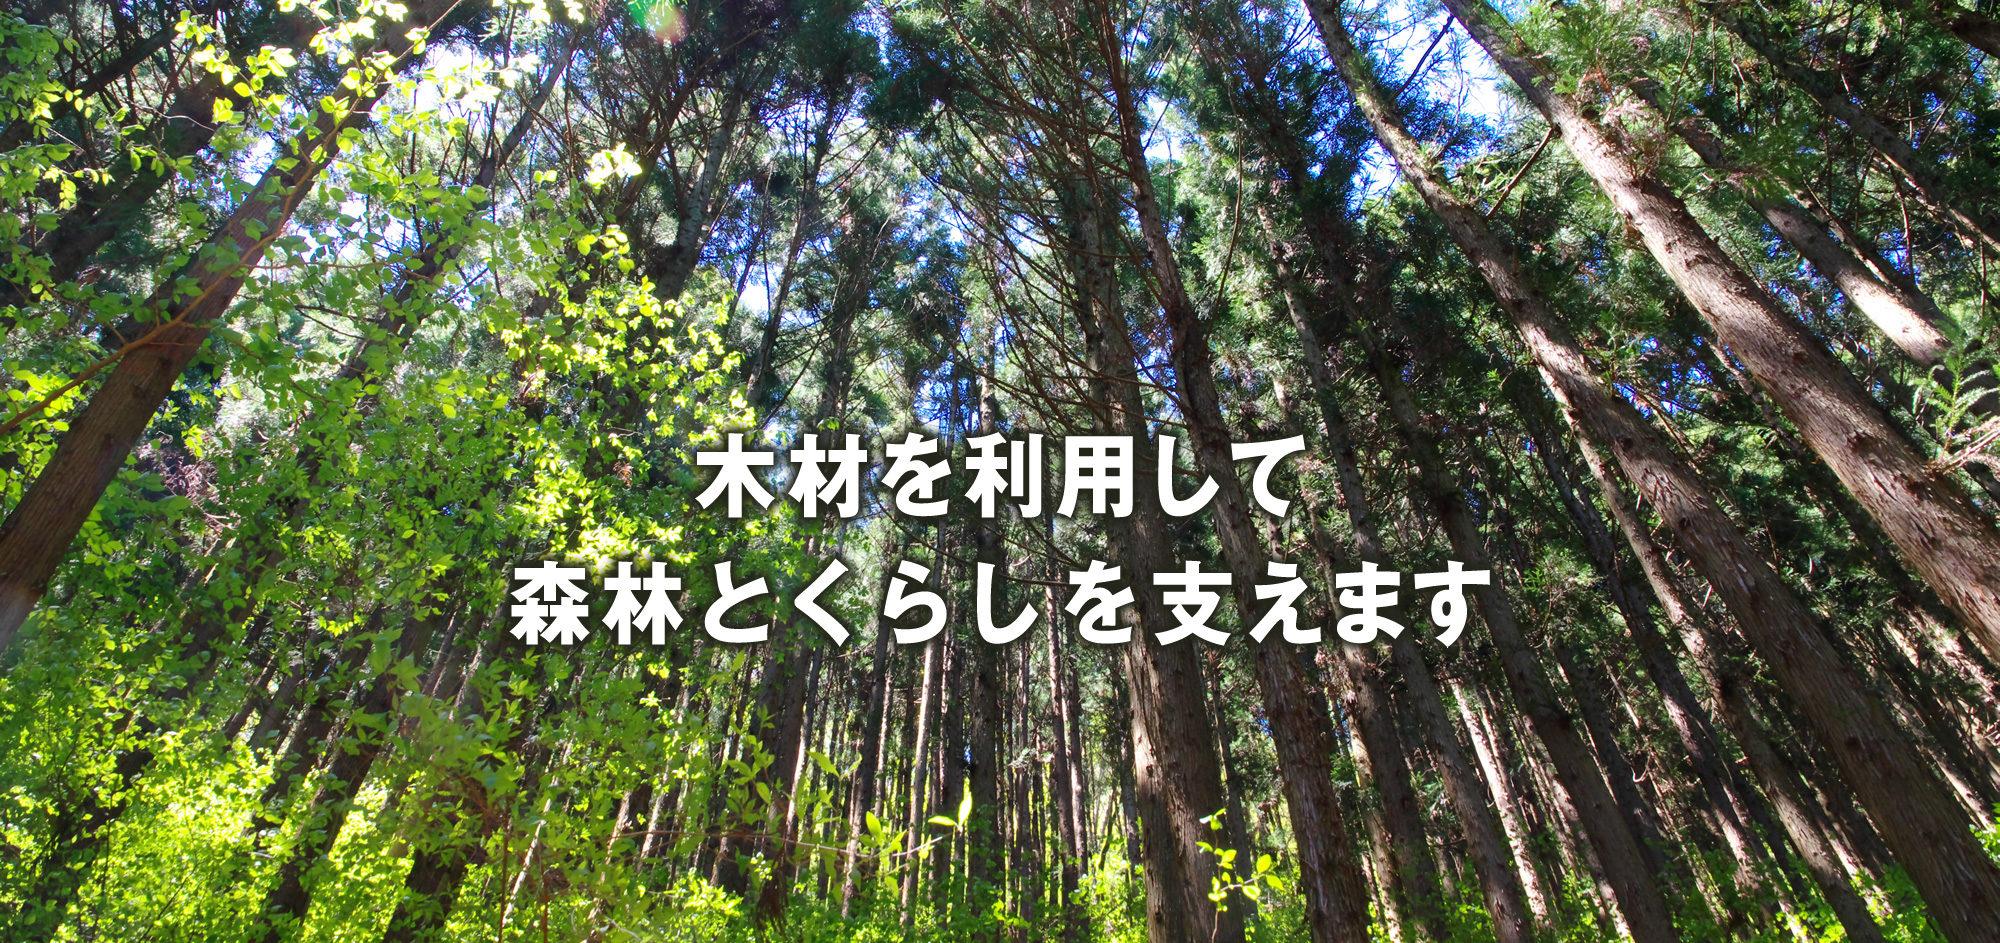 木材を利用して森林とくらしを支えます